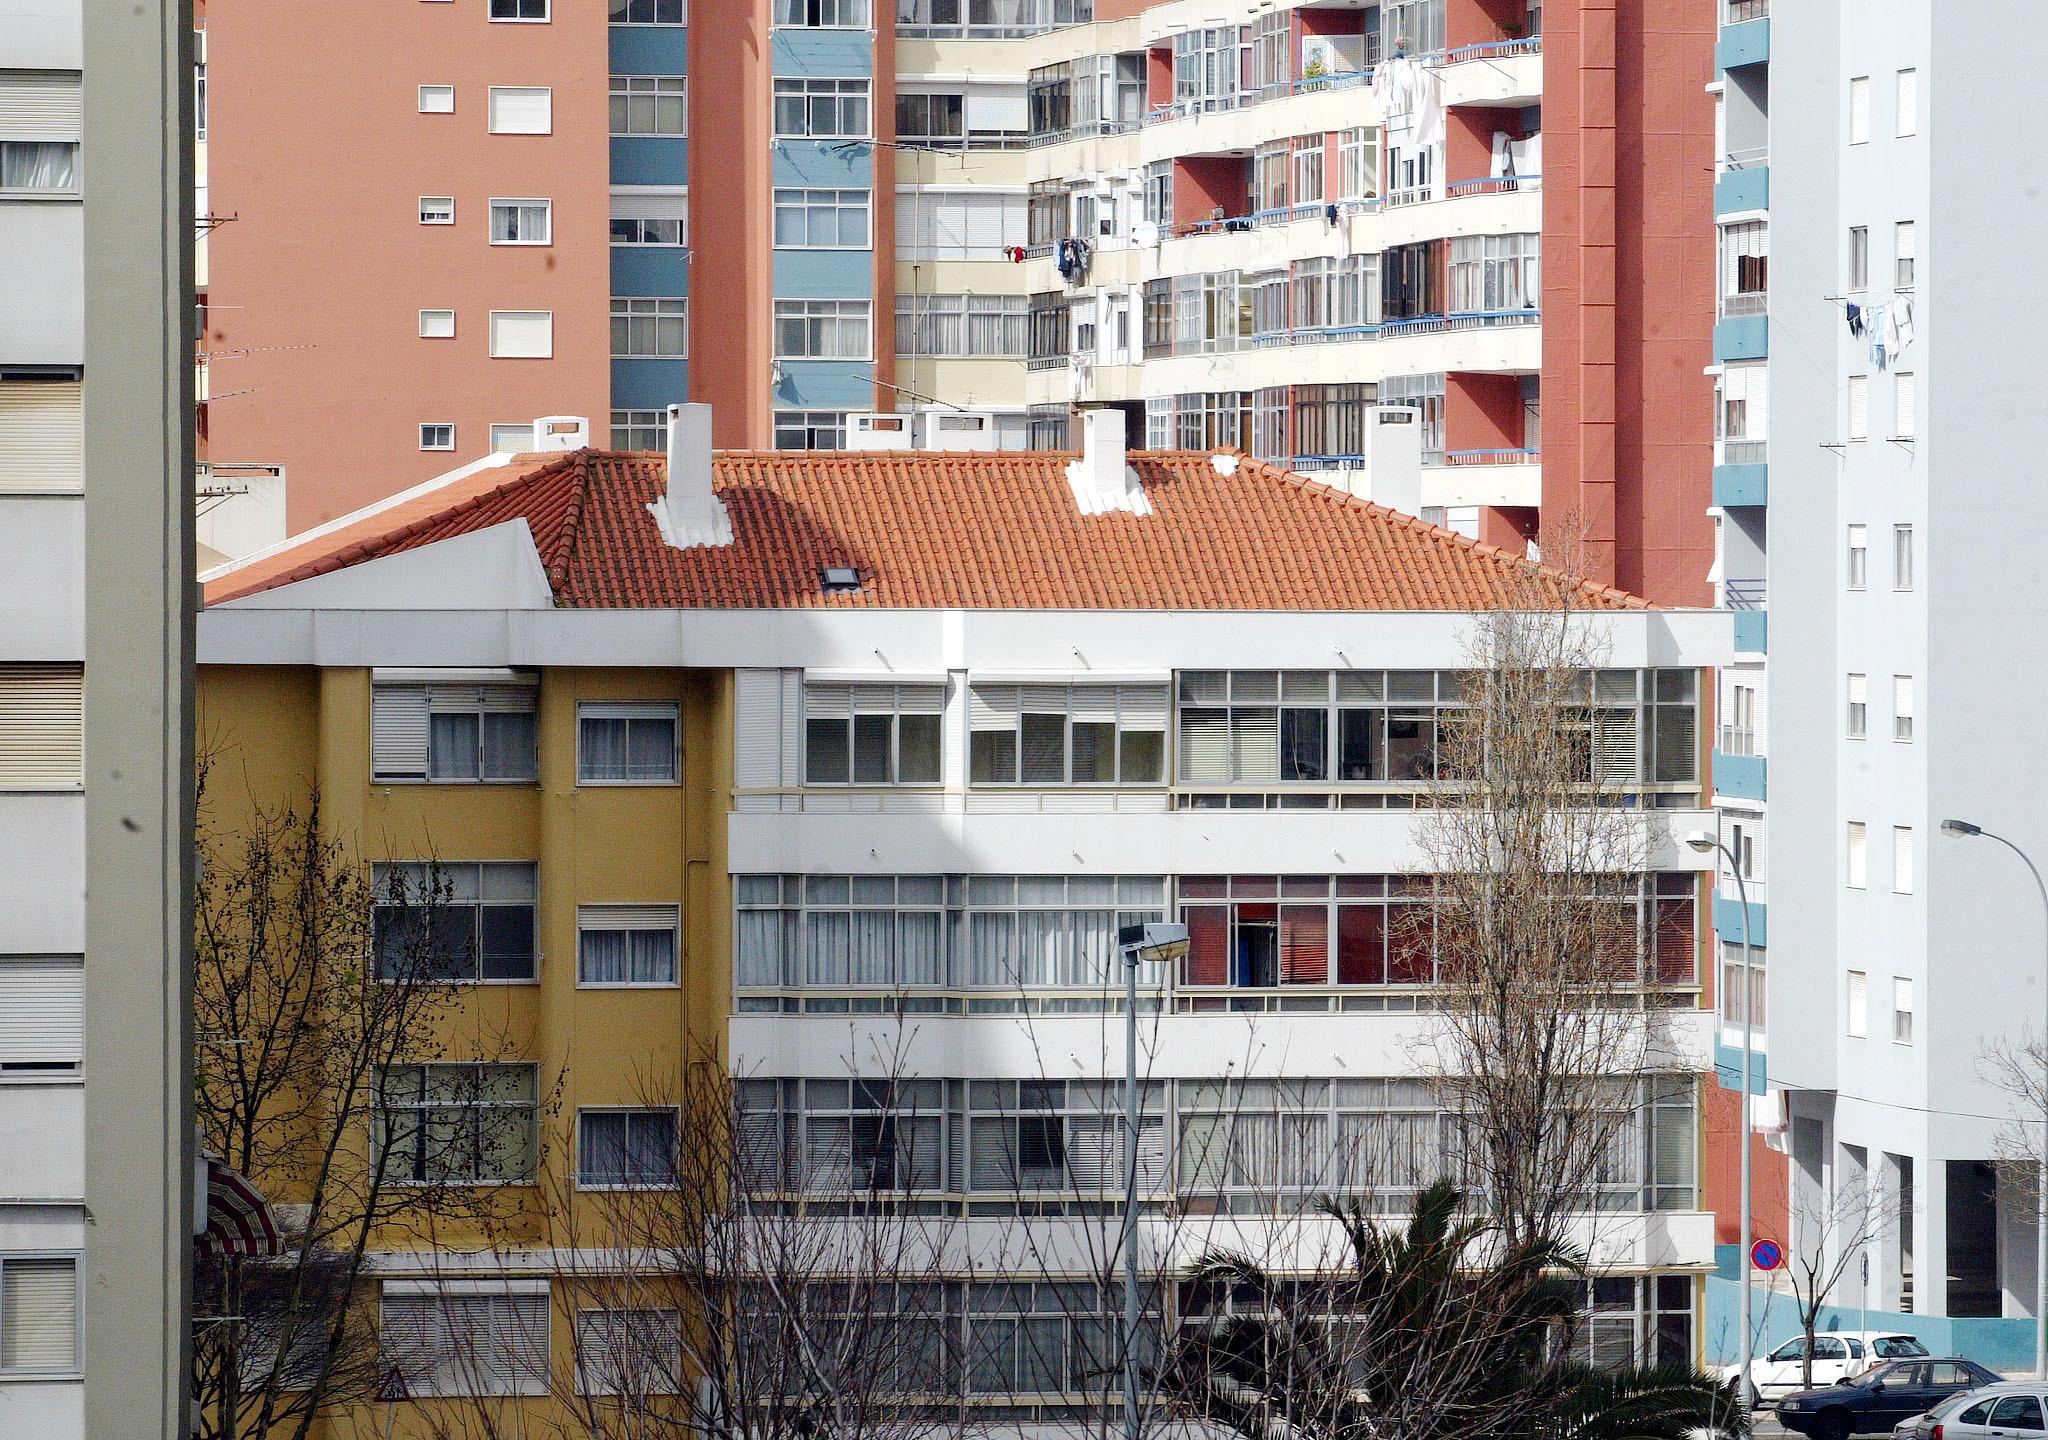 Parlamento discute criação da Lei de Bases da Habitação